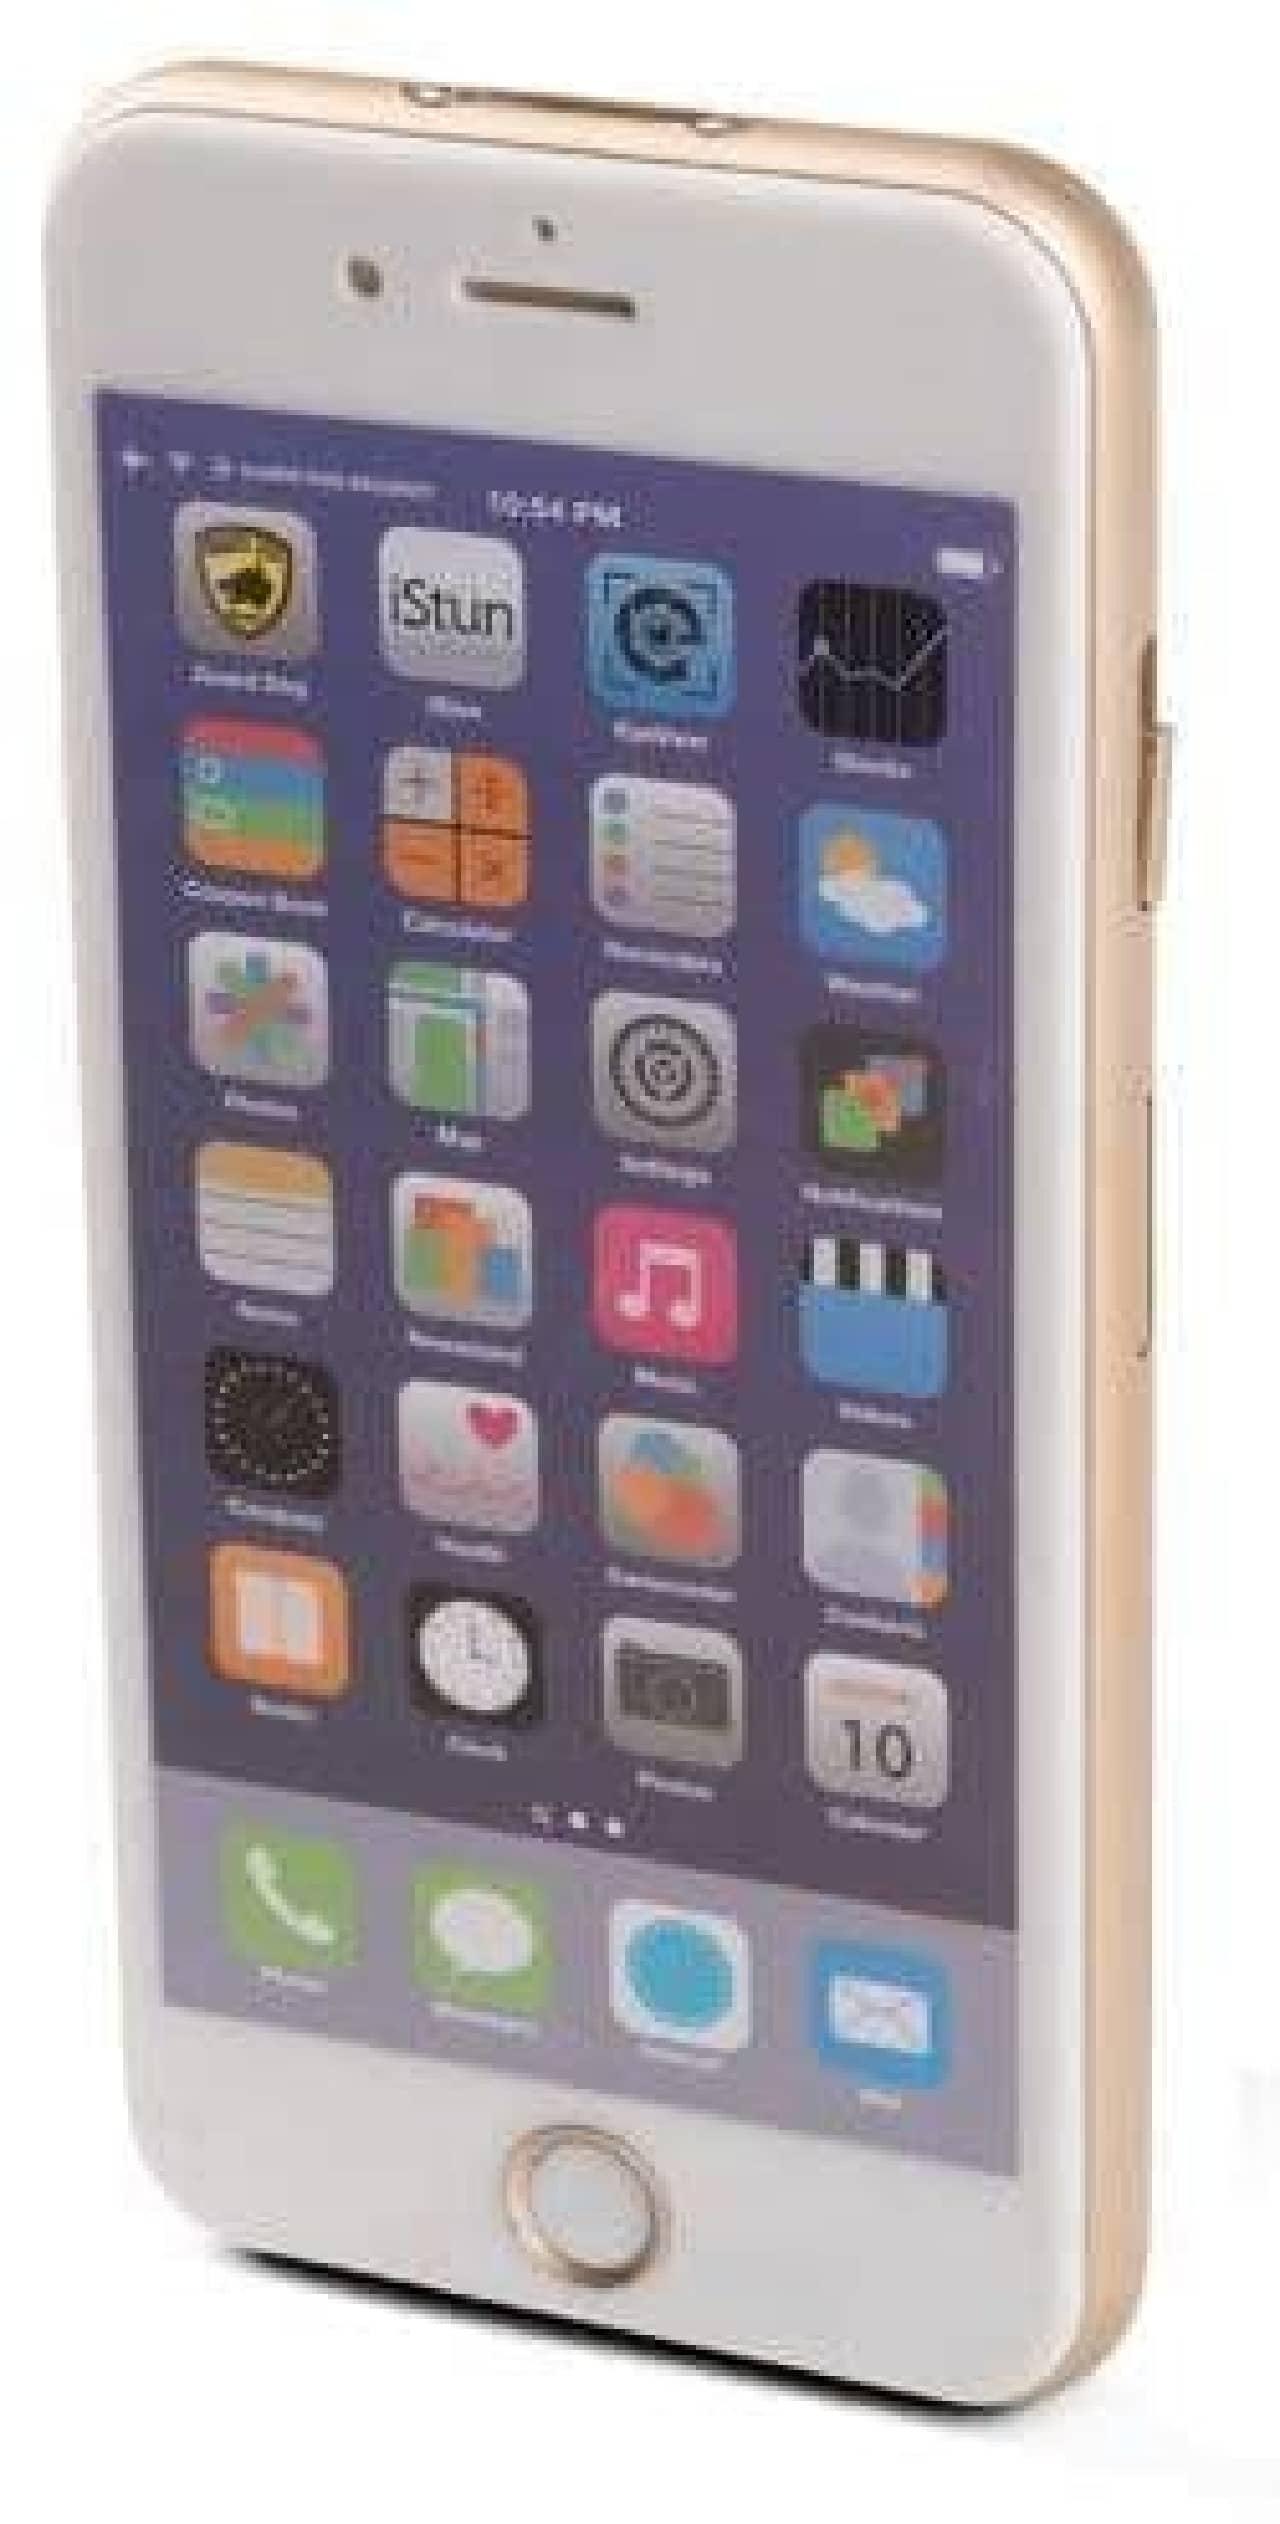 iPhoneそっくりのスタンガン「iStun 2」